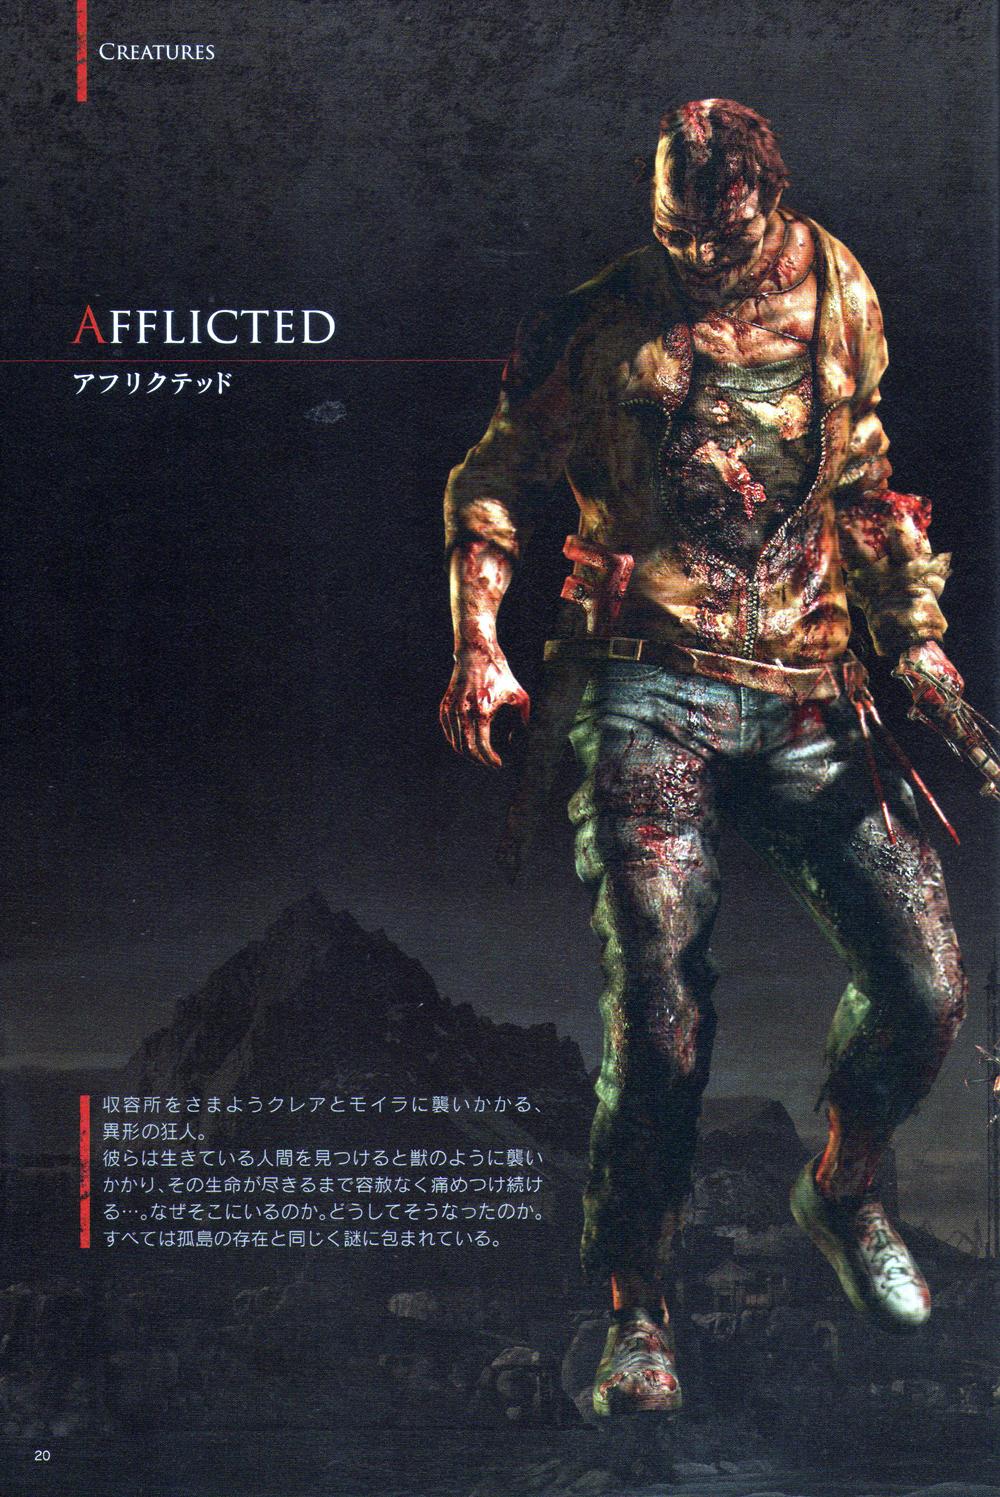 Afflicted (RE:REV 2)